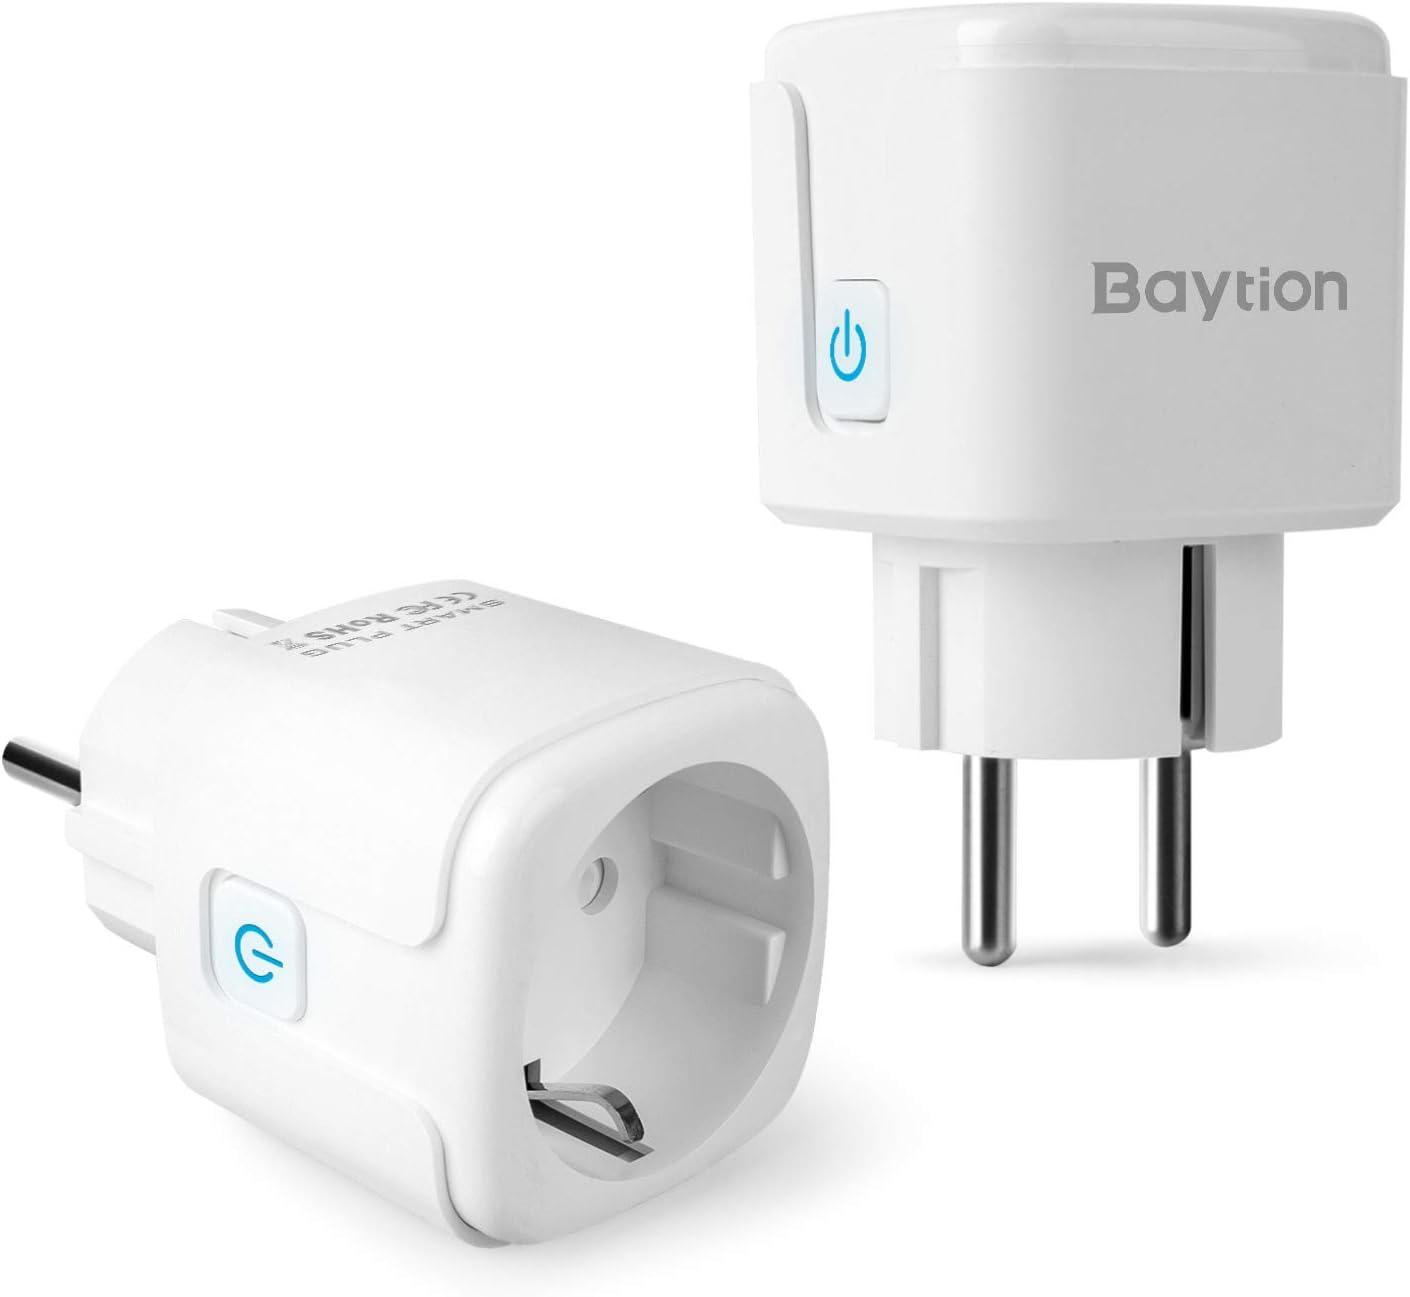 Enchufes Inteligentes, Baytion 16A Enchufe Inteligente con red Wi-Fi Trabaja con Alexa, Echo, Google Home Mini Socket Inteligente Monitoreo de Energía Remoto y Control de Voz No Requiere Hub (2 Pcs)